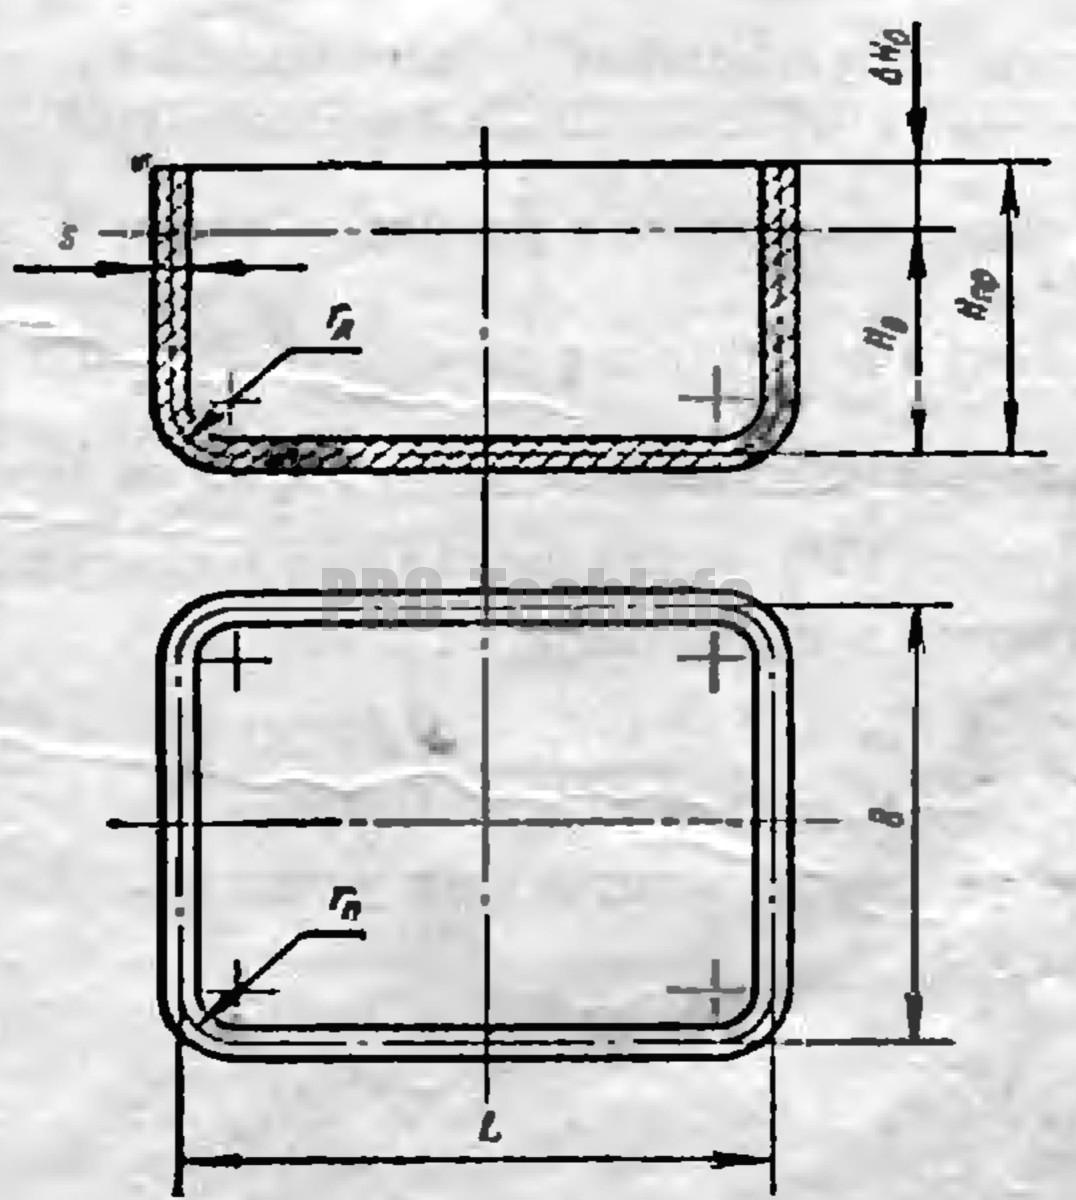 конструктивные размеры детали для прямоугольной вытяжки